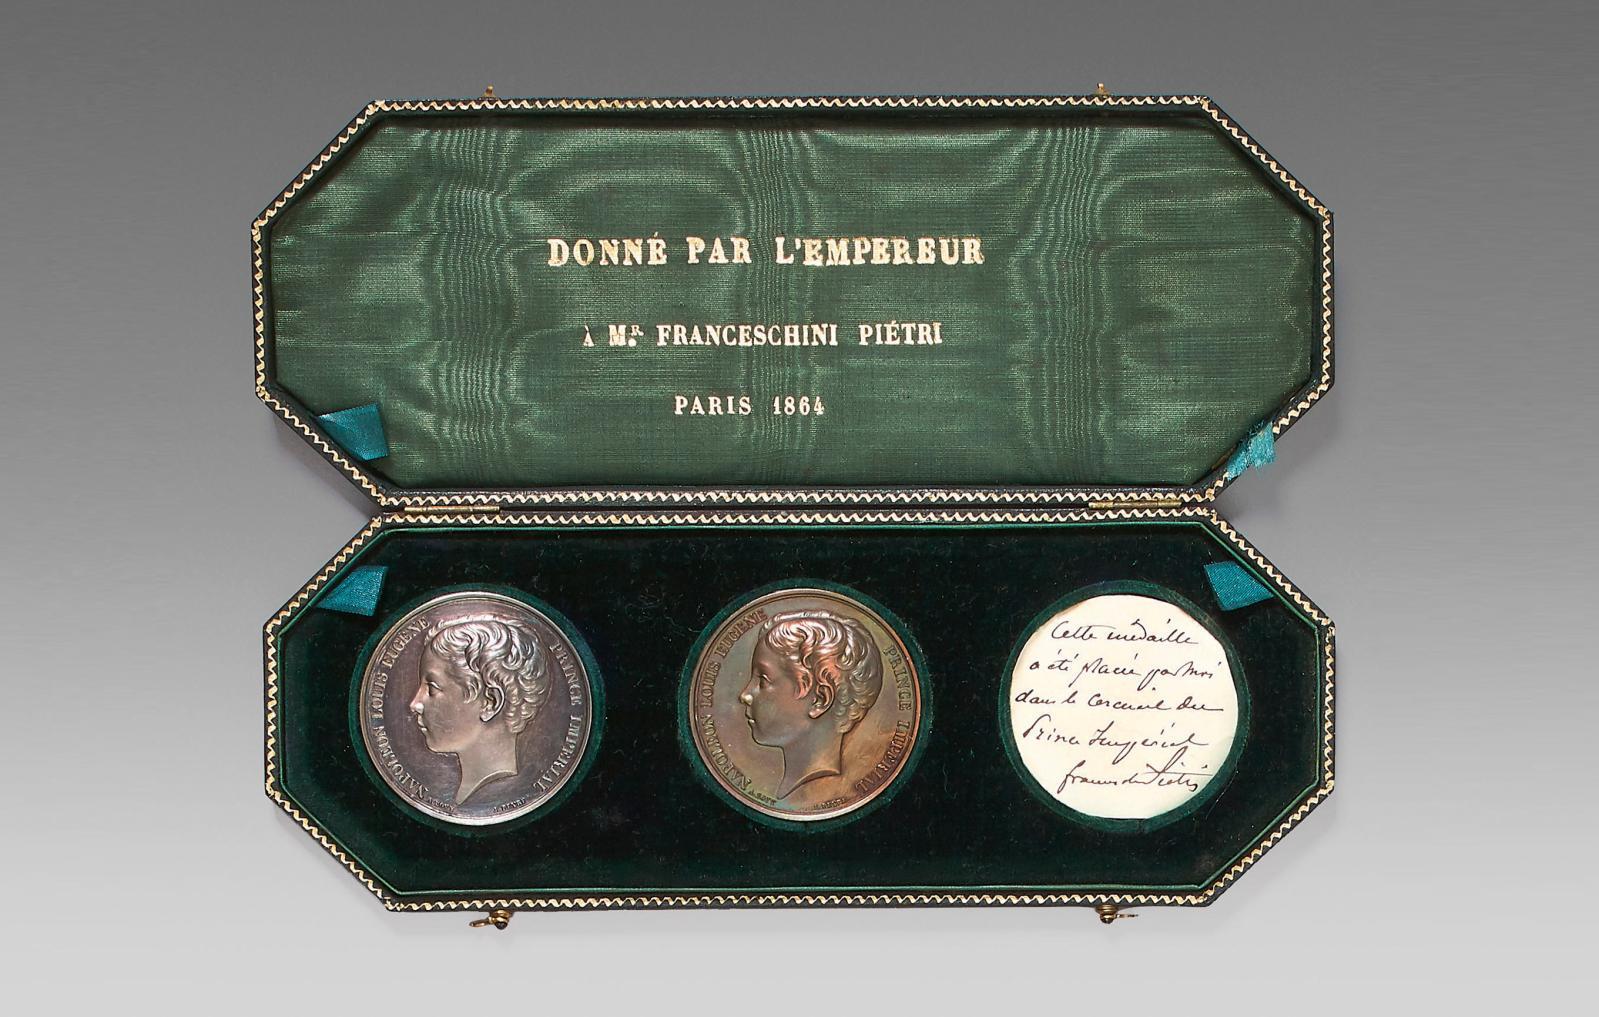 Coffret souvenir du prince impérial, contenant deux médailles, une en argent et une en bronze, avers au profil du prince impérial par A.Bovy et J. Pe